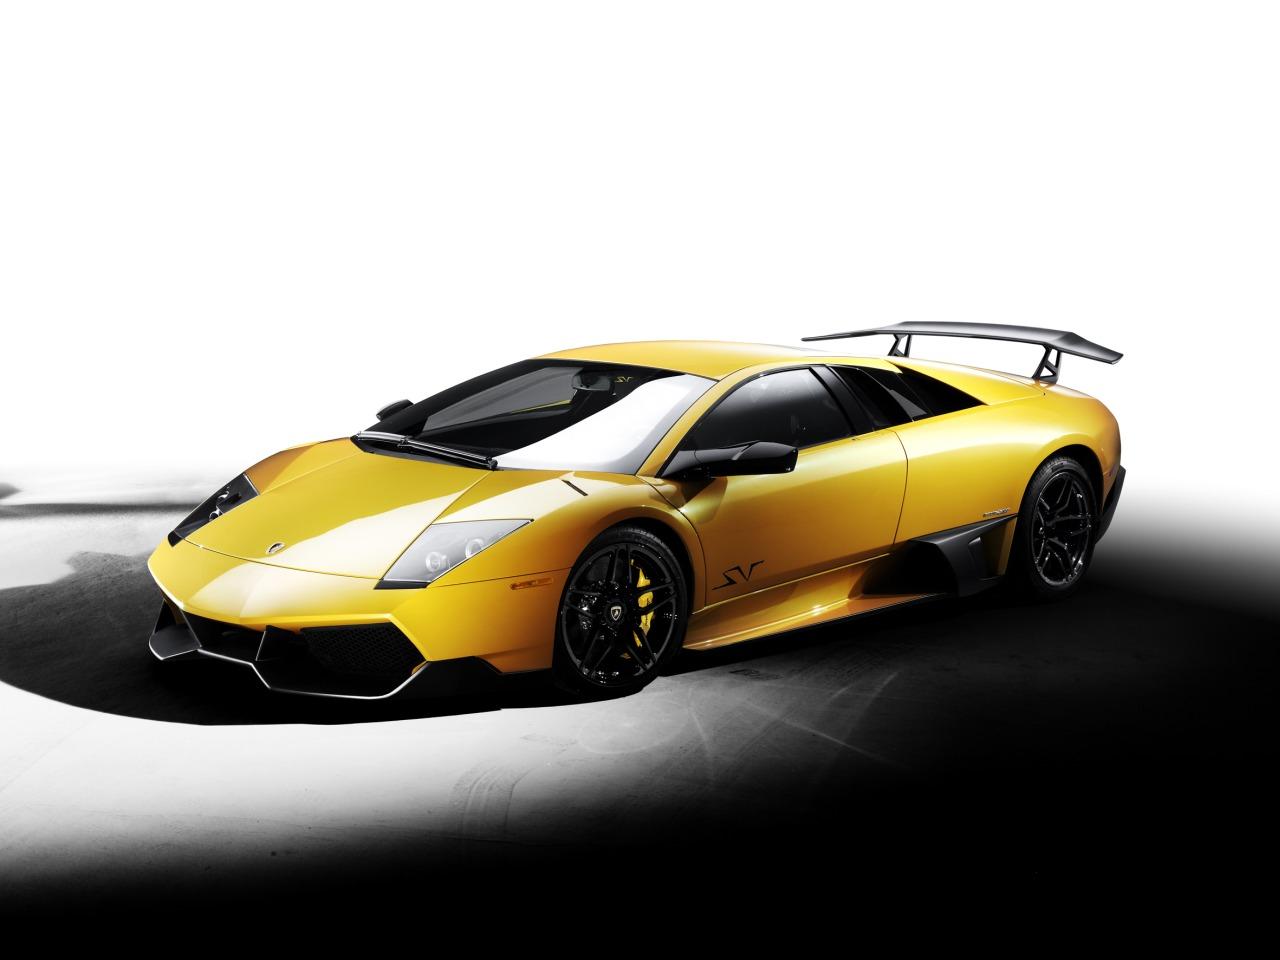 http://3.bp.blogspot.com/-_MWS_4I0GEQ/ULjJz7yyL-I/AAAAAAAAFNk/u9GJq0ndnpQ/s1600/2010+Lamborghini+Murcielago+LP670-4+SuperVeloce+1.jpg